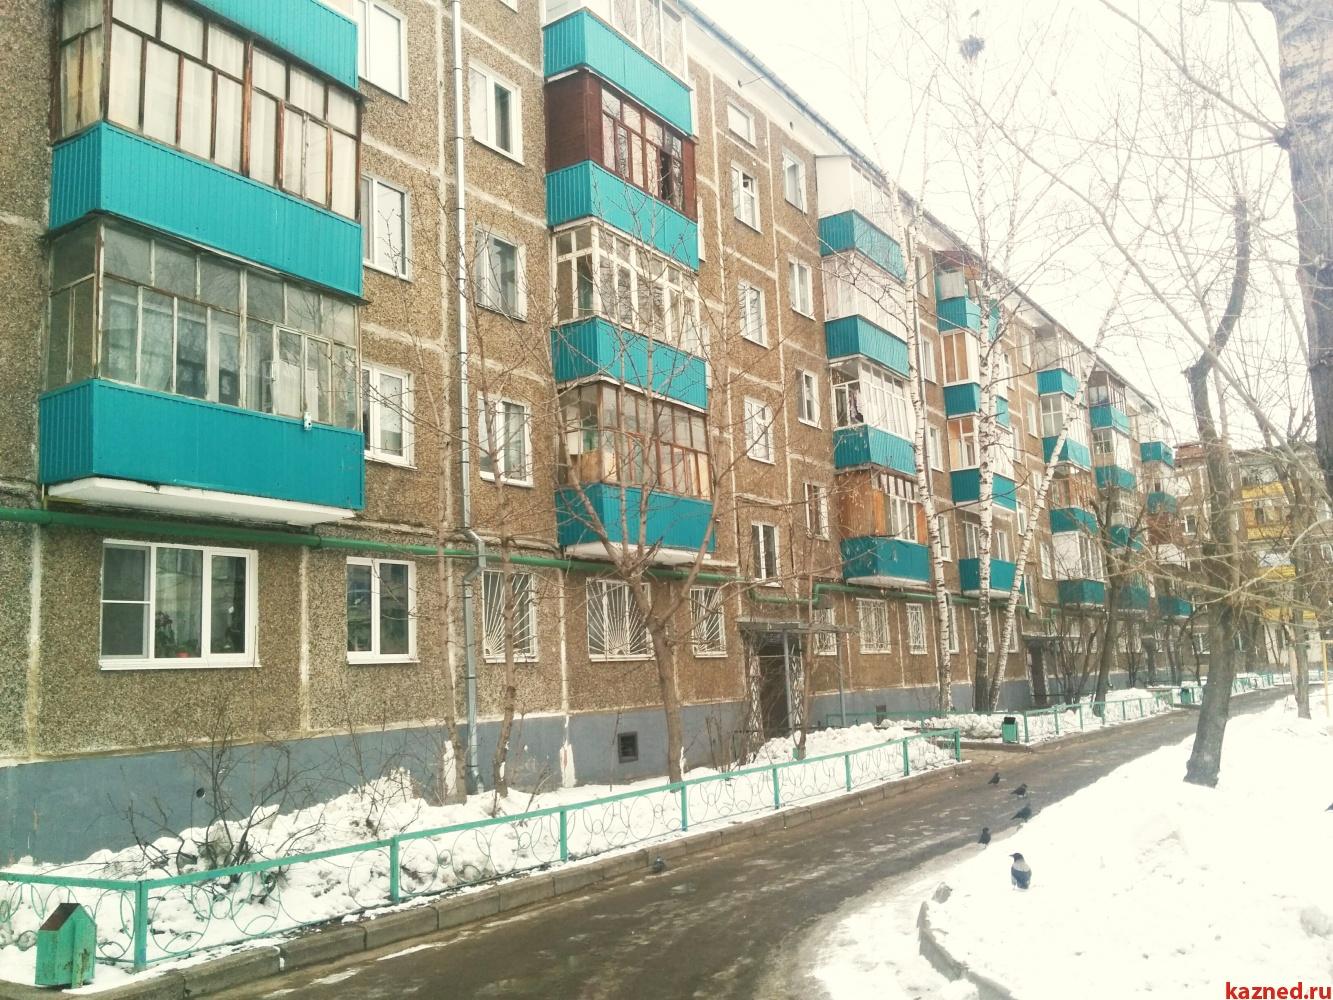 Продажа 2-к квартиры Короленко,  45, 43 м2  (миниатюра №1)